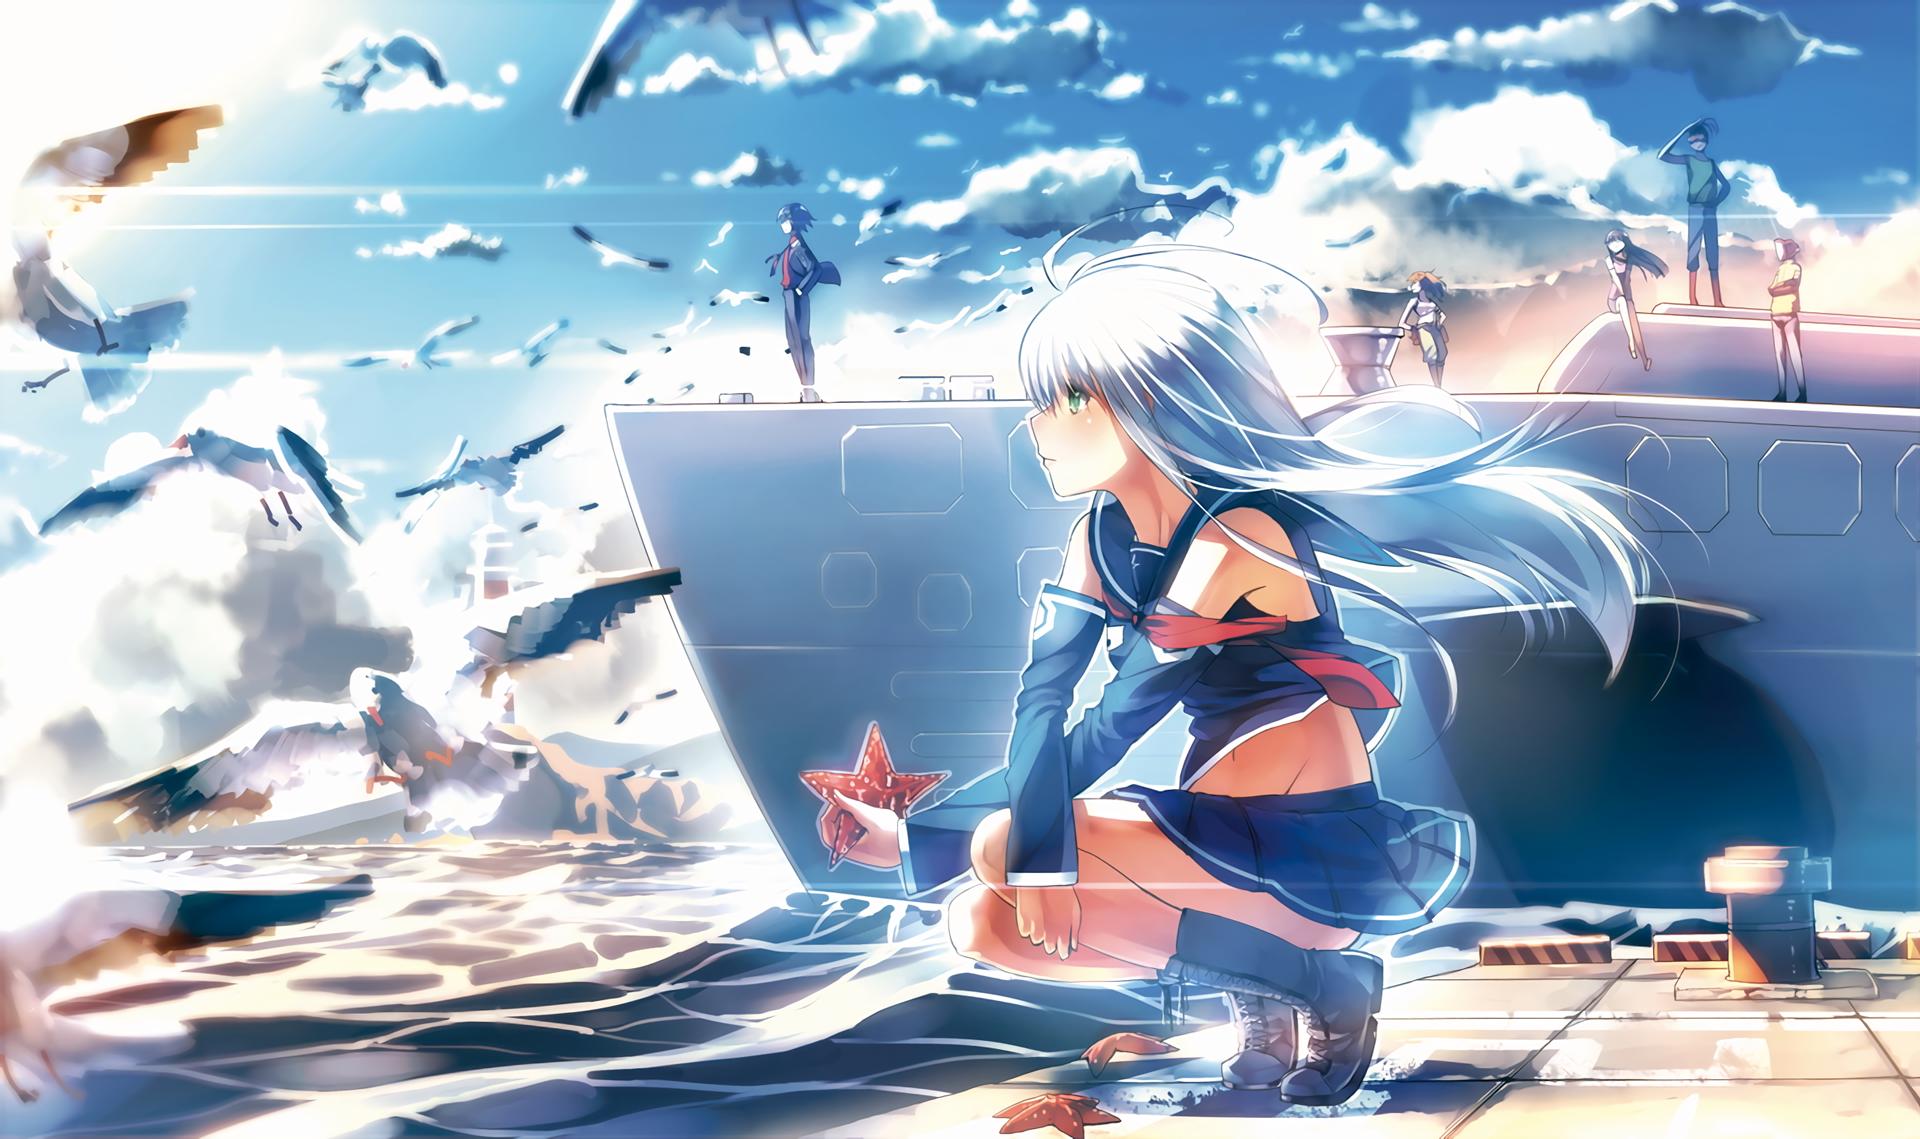 Sfondi Illustrazione Nave Uccelli Mare Anime Cartone Animato